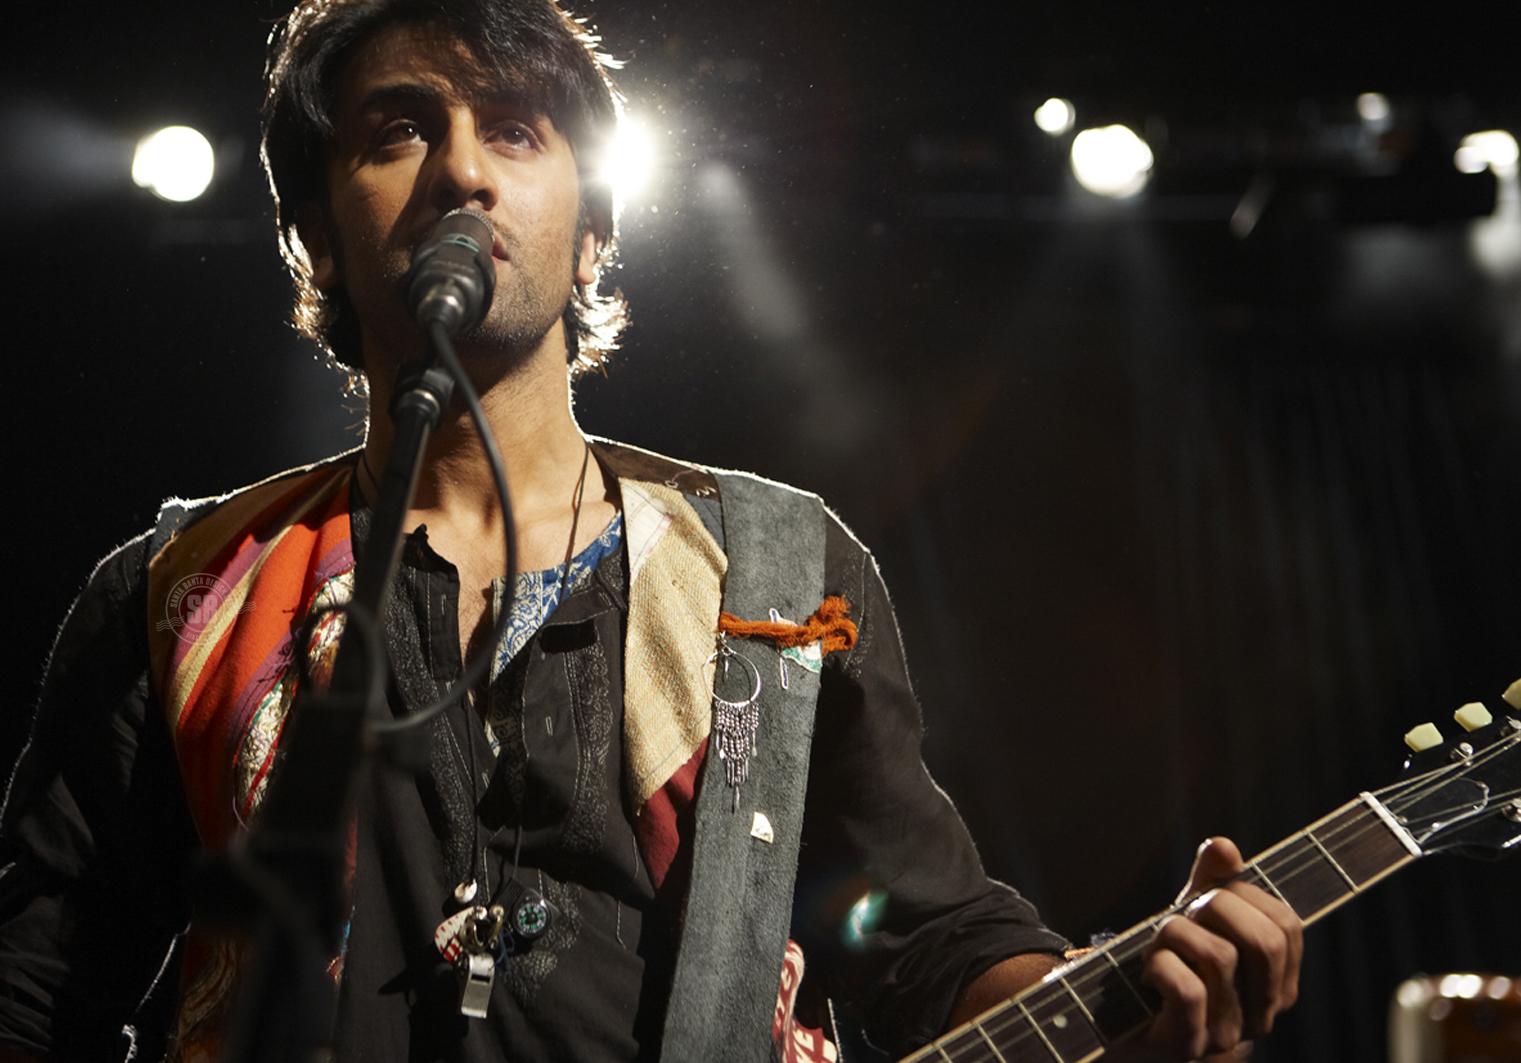 Chords n tabs guitar chords jo bhi main rockstar guitar chords jo bhi main rockstar hexwebz Images